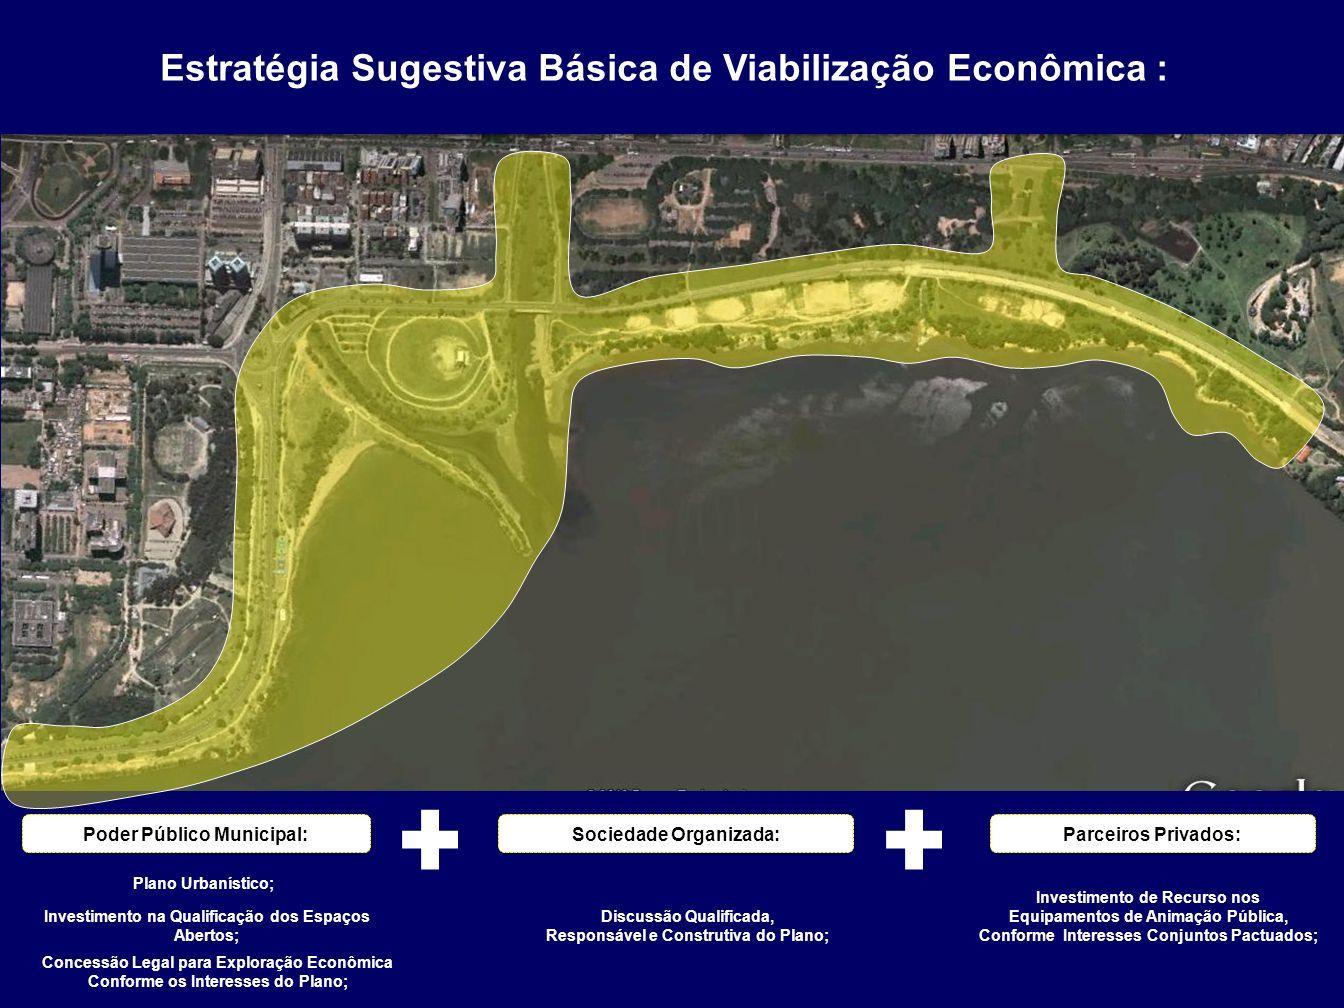 Investimento Público na Qualificação dos Espaços Abertos: Estratégia para Atração de Parceiros Privados.